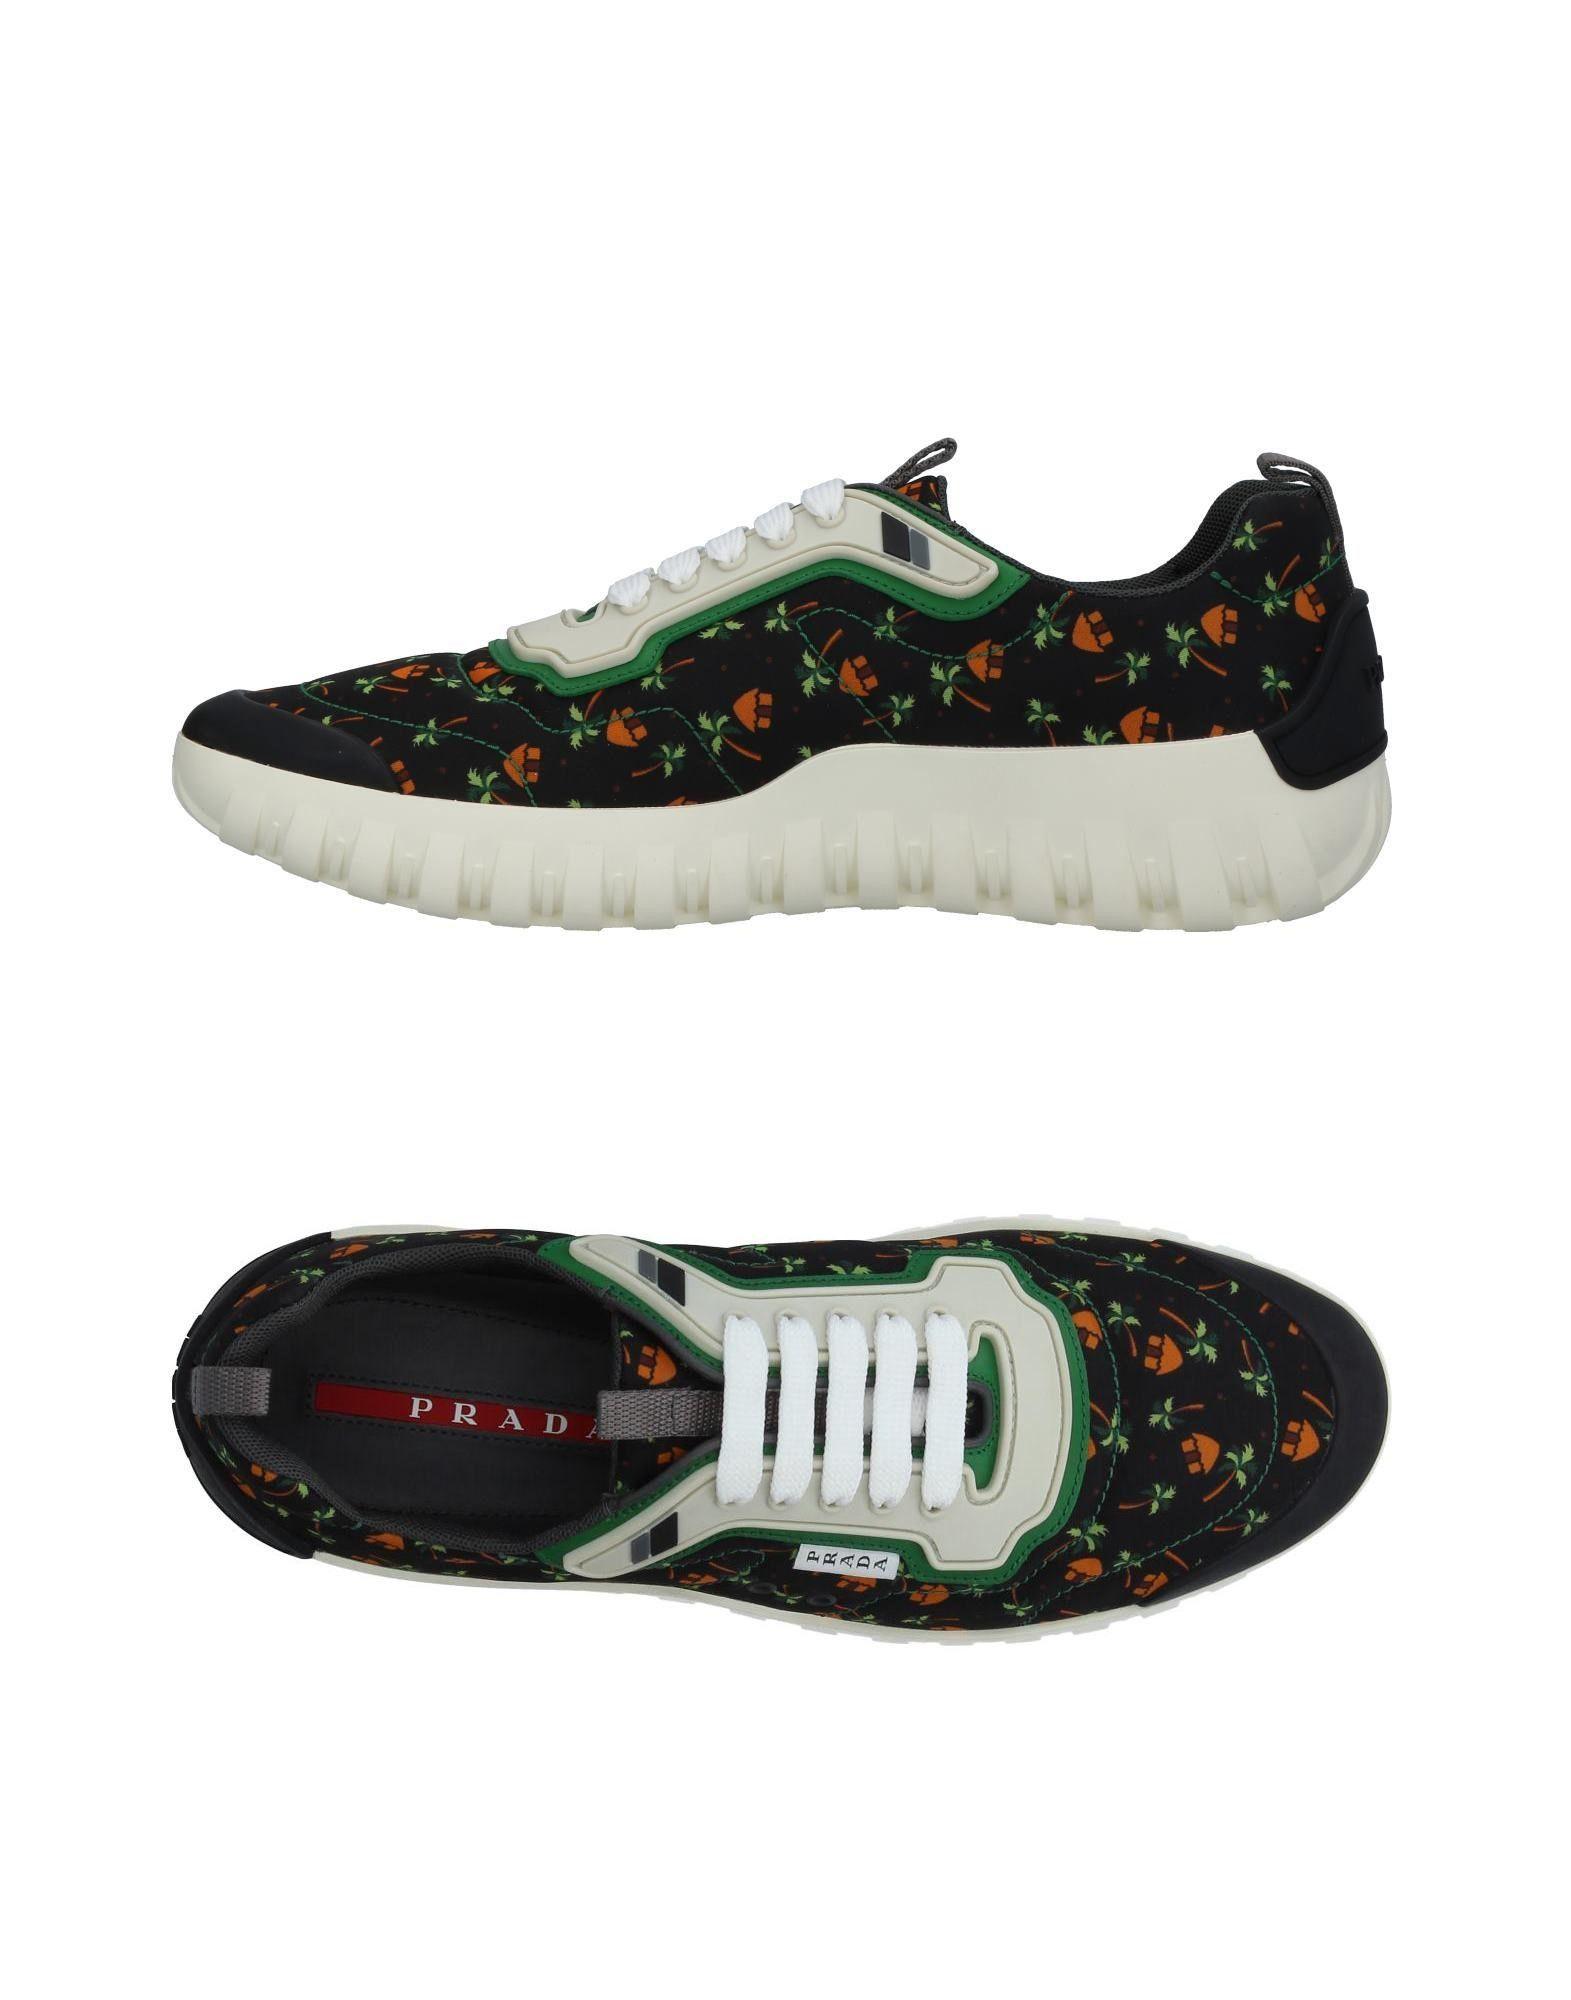 Sneakers Prada Sport Homme - Sneakers Prada Sport  Noir Nouvelles chaussures pour hommes et femmes, remise limitée dans le temps